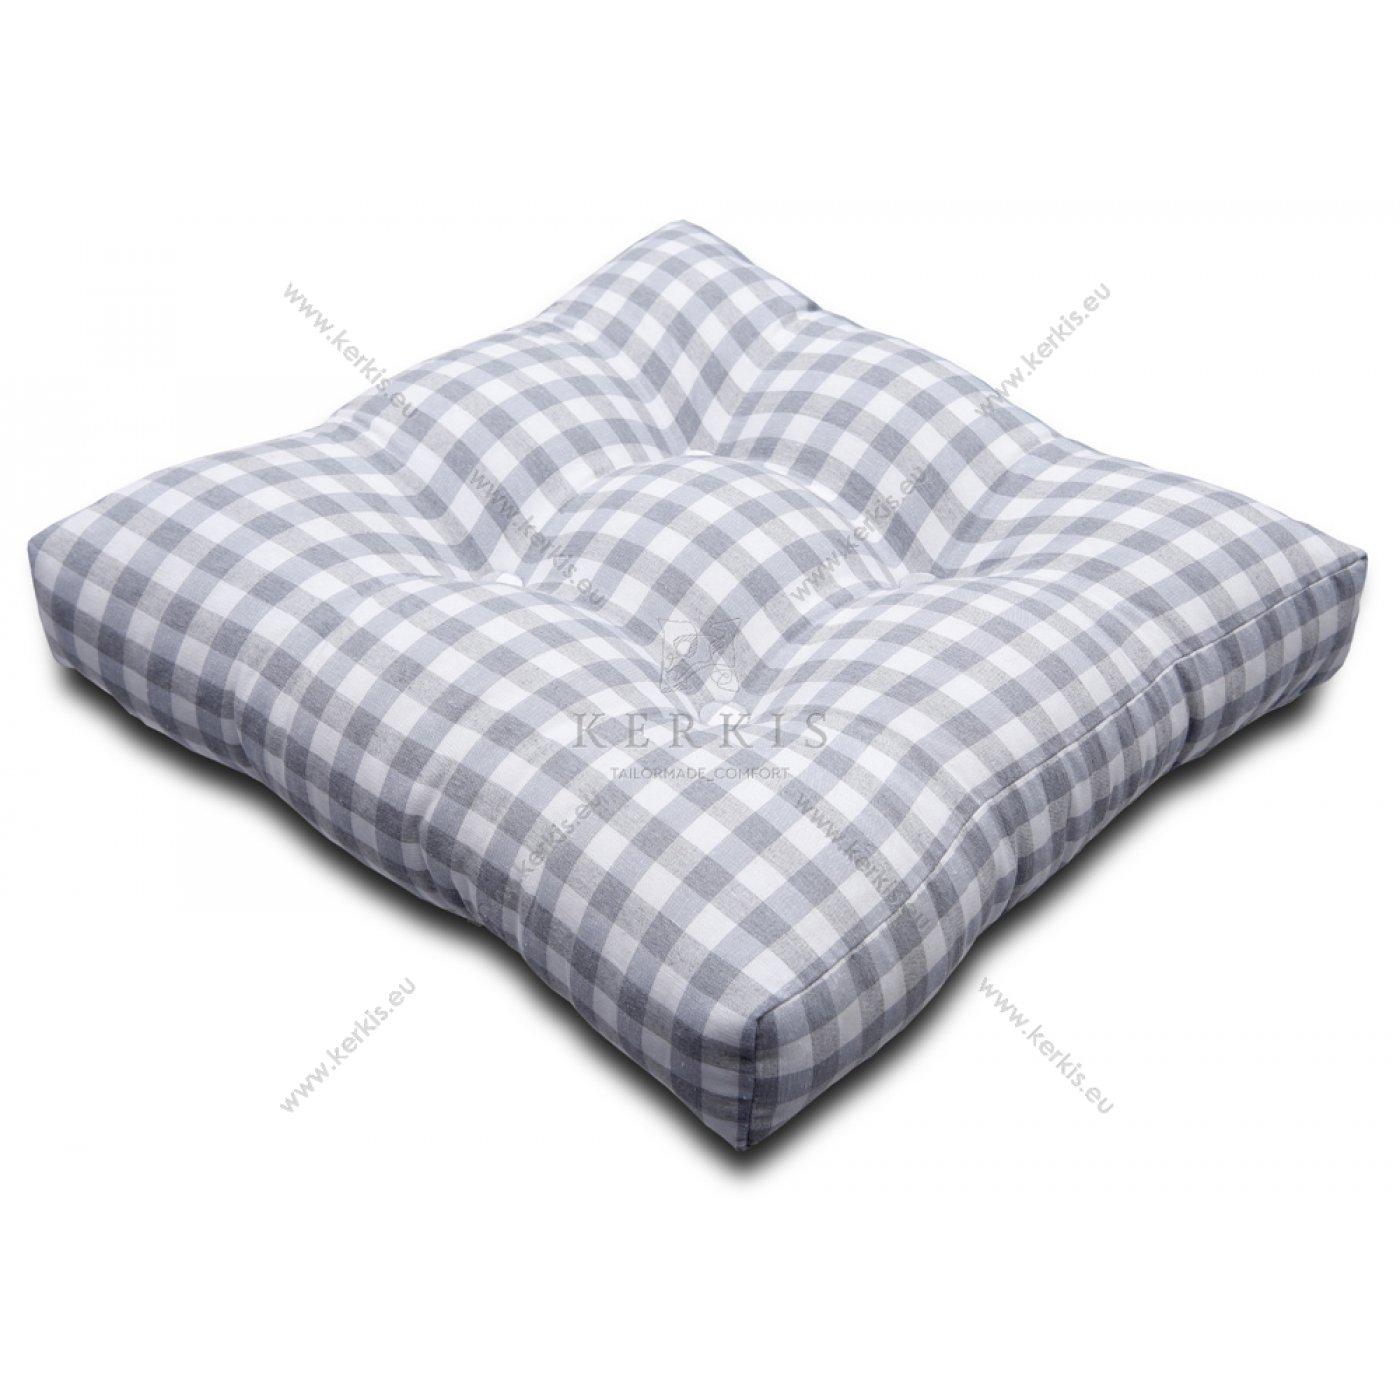 Μαξιλάρι με διακοσμητικά κουμπιά καρό γκρι